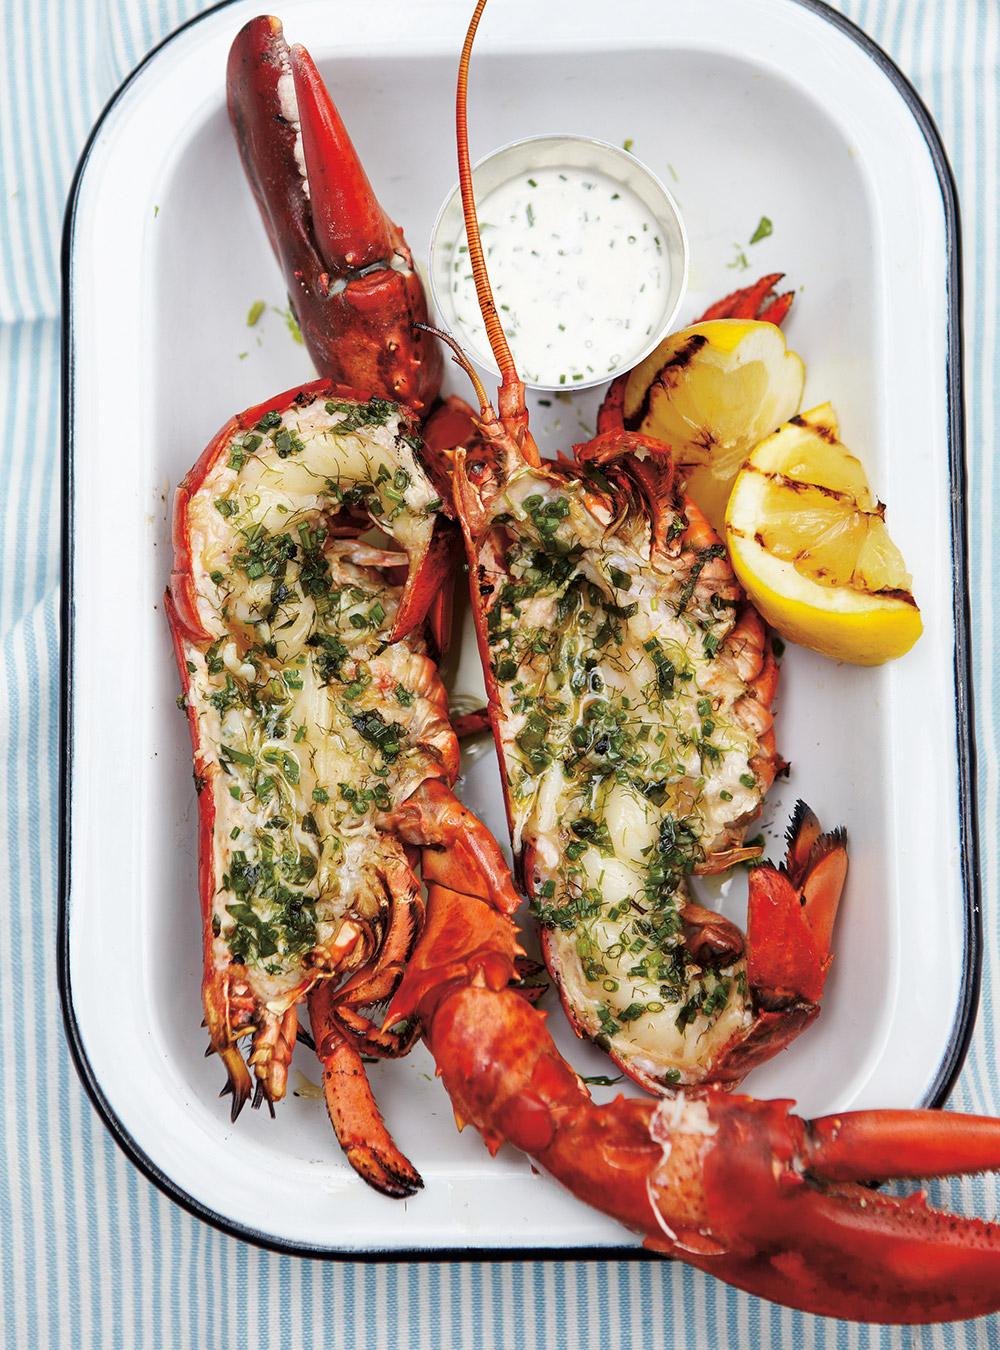 Homard grill aux herbes ricardo - Sauce pour crustaces grilles ...